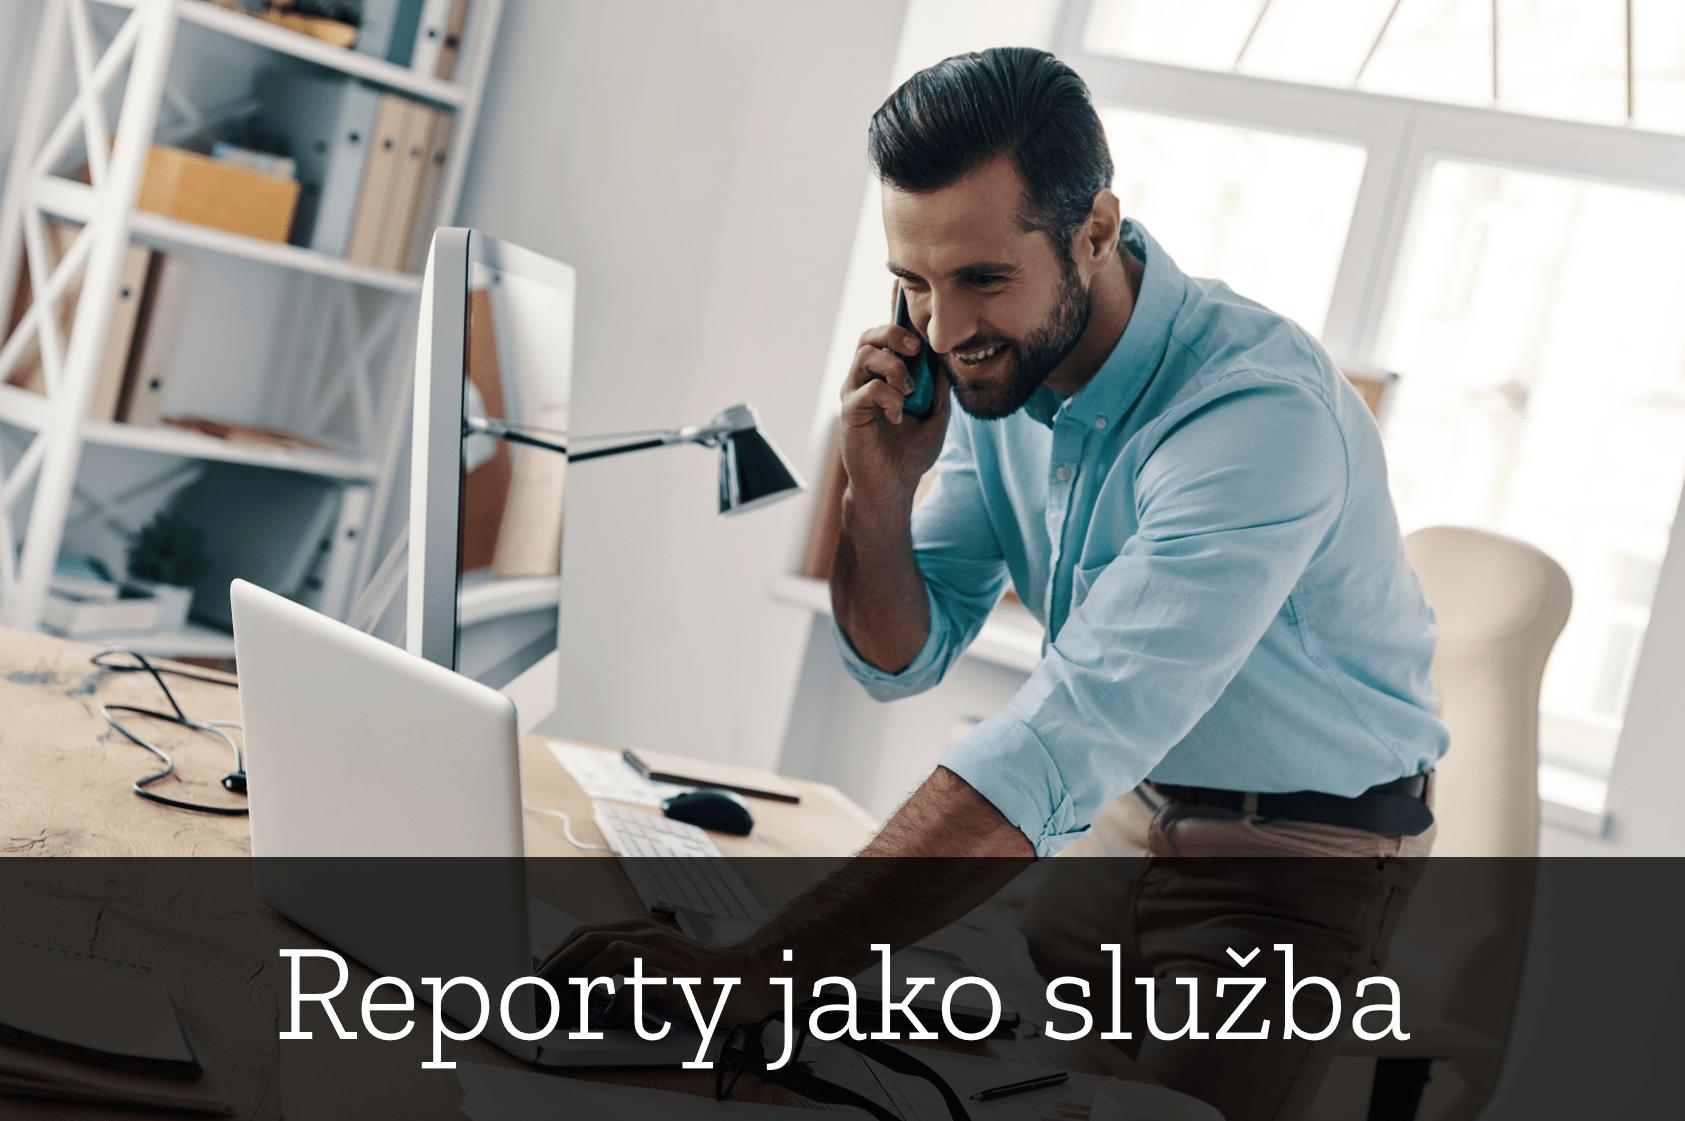 Reporty jako služba